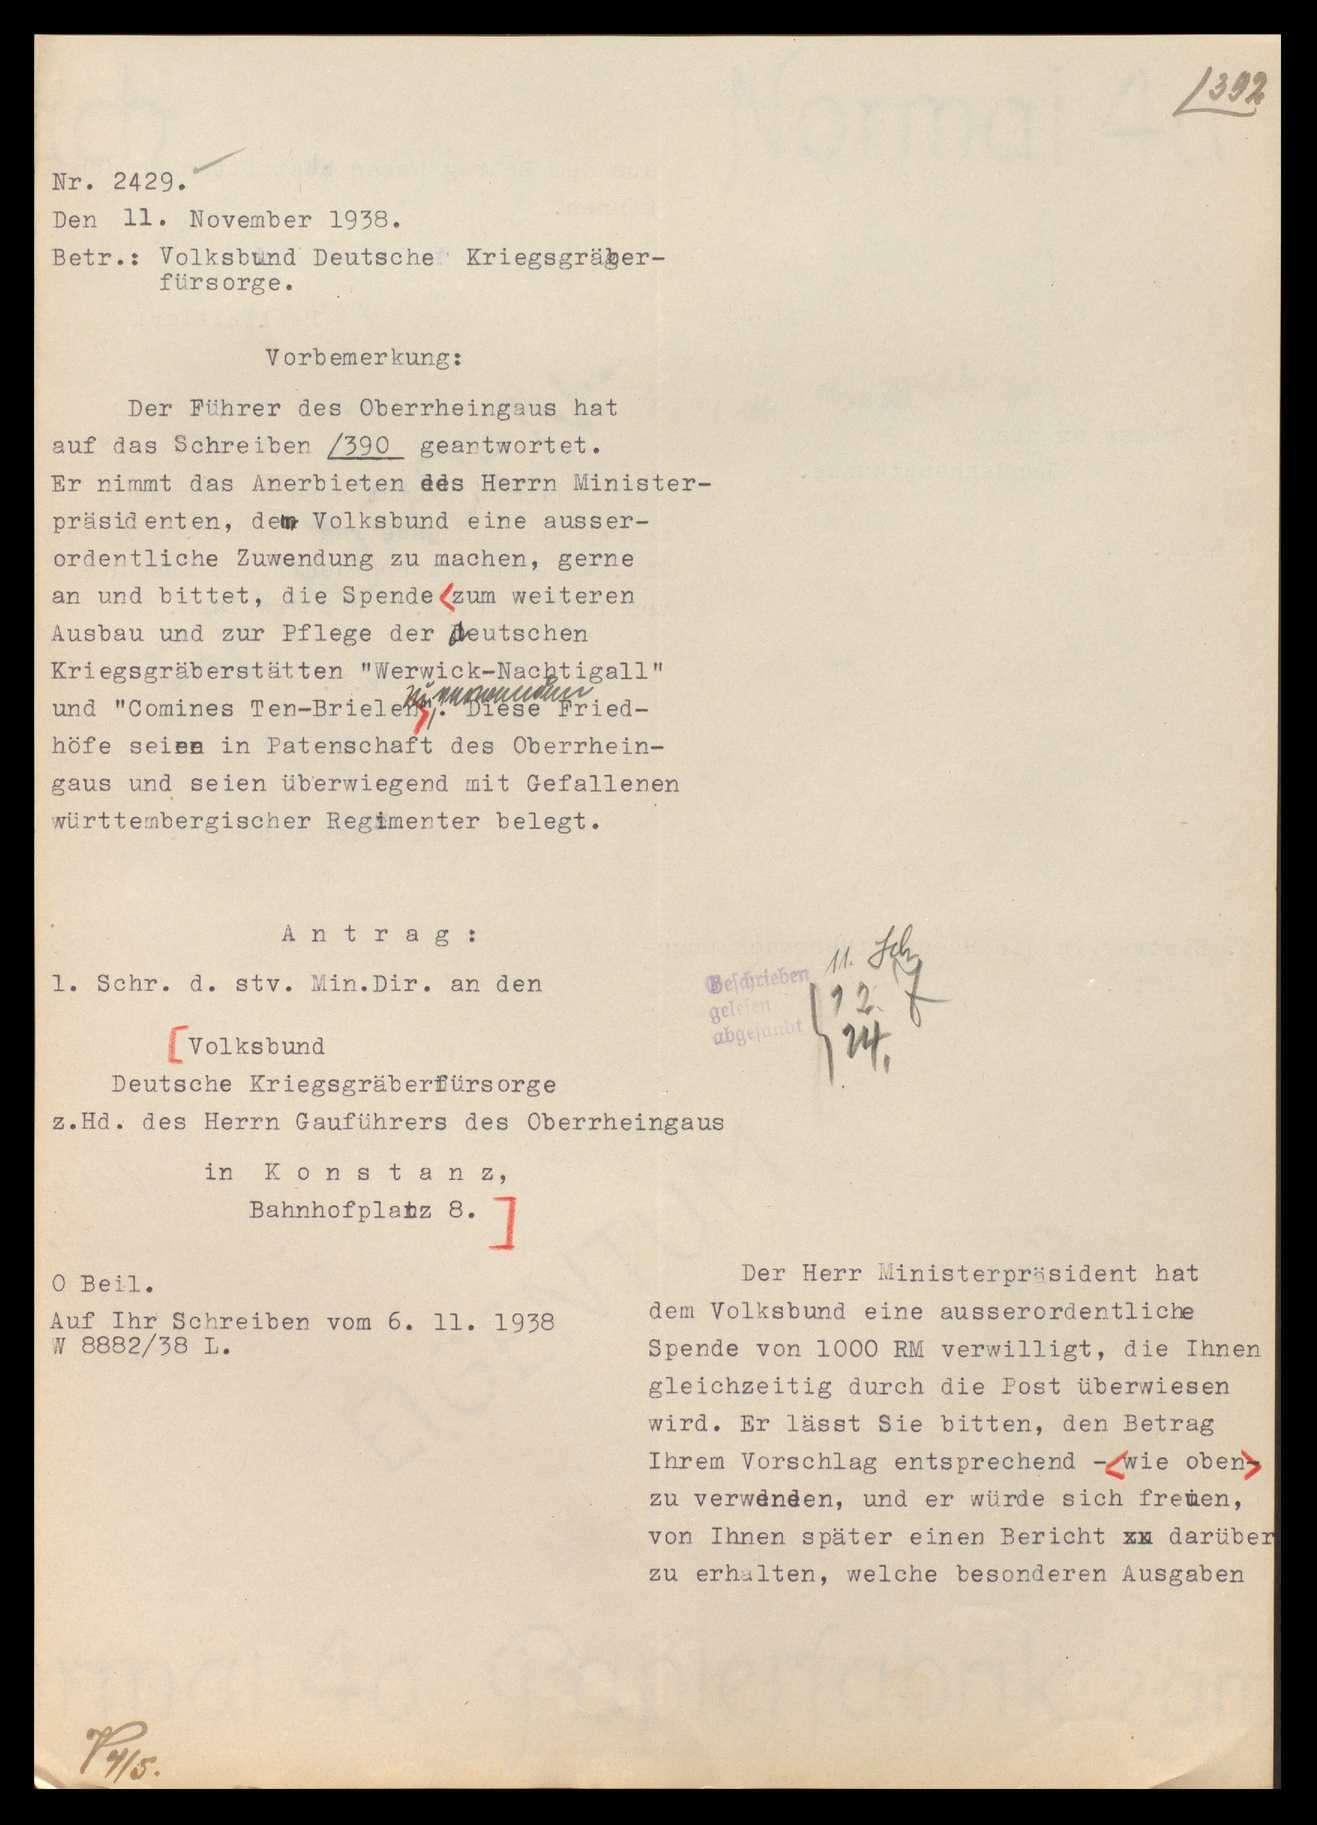 Volksbund Deutsche Kriegsgräberfürsorge in Berlin sowie Landesverband (ab 1934 Bezirk) Württemberg, Ortsgruppe Stuttgart und Oberrheingau, Bild 2